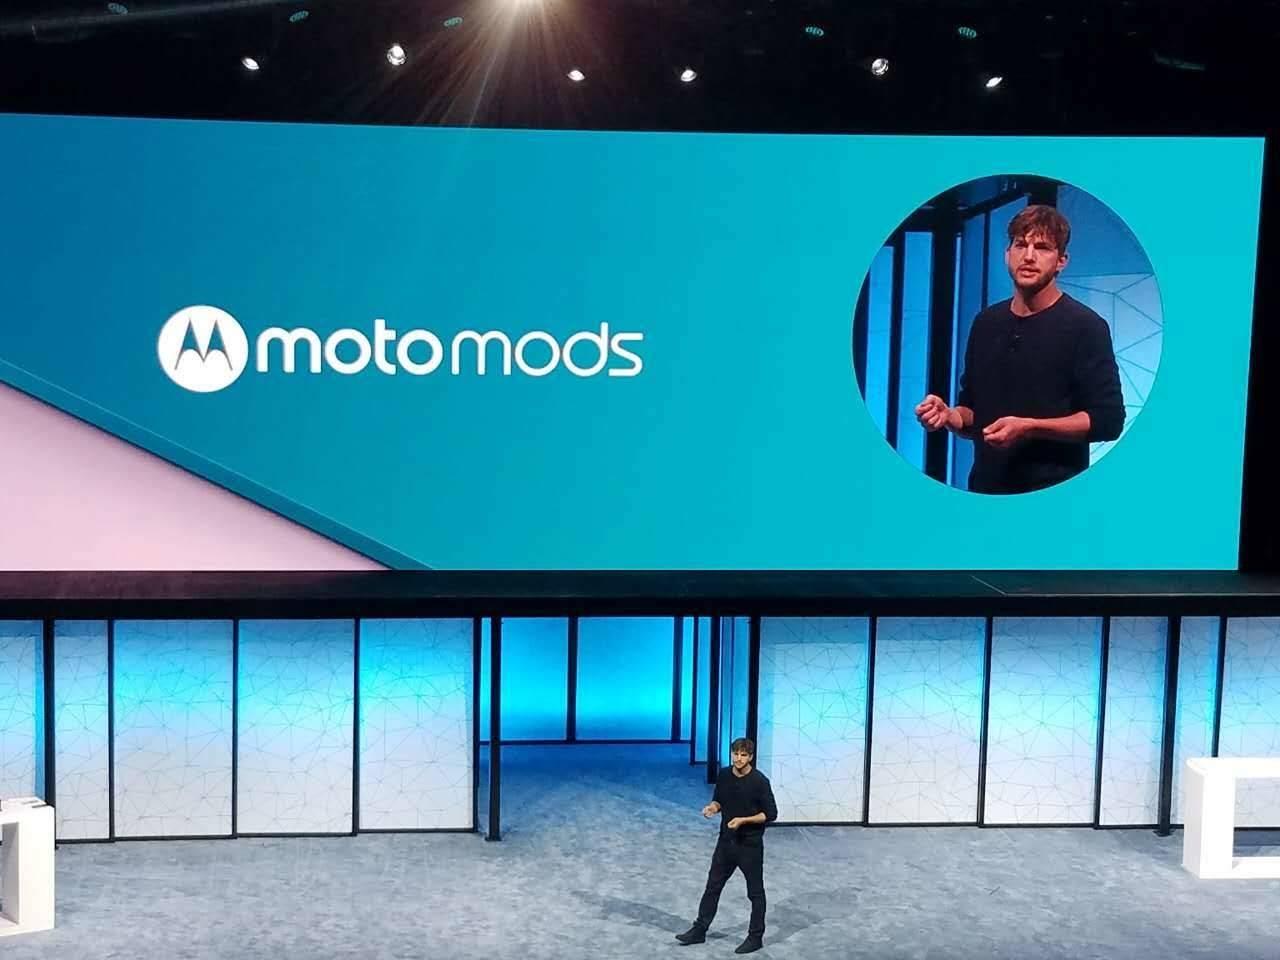 最薄骁龙 820+模块化后盖,Moto 的新旗舰有没有让你心动? | 极客公园